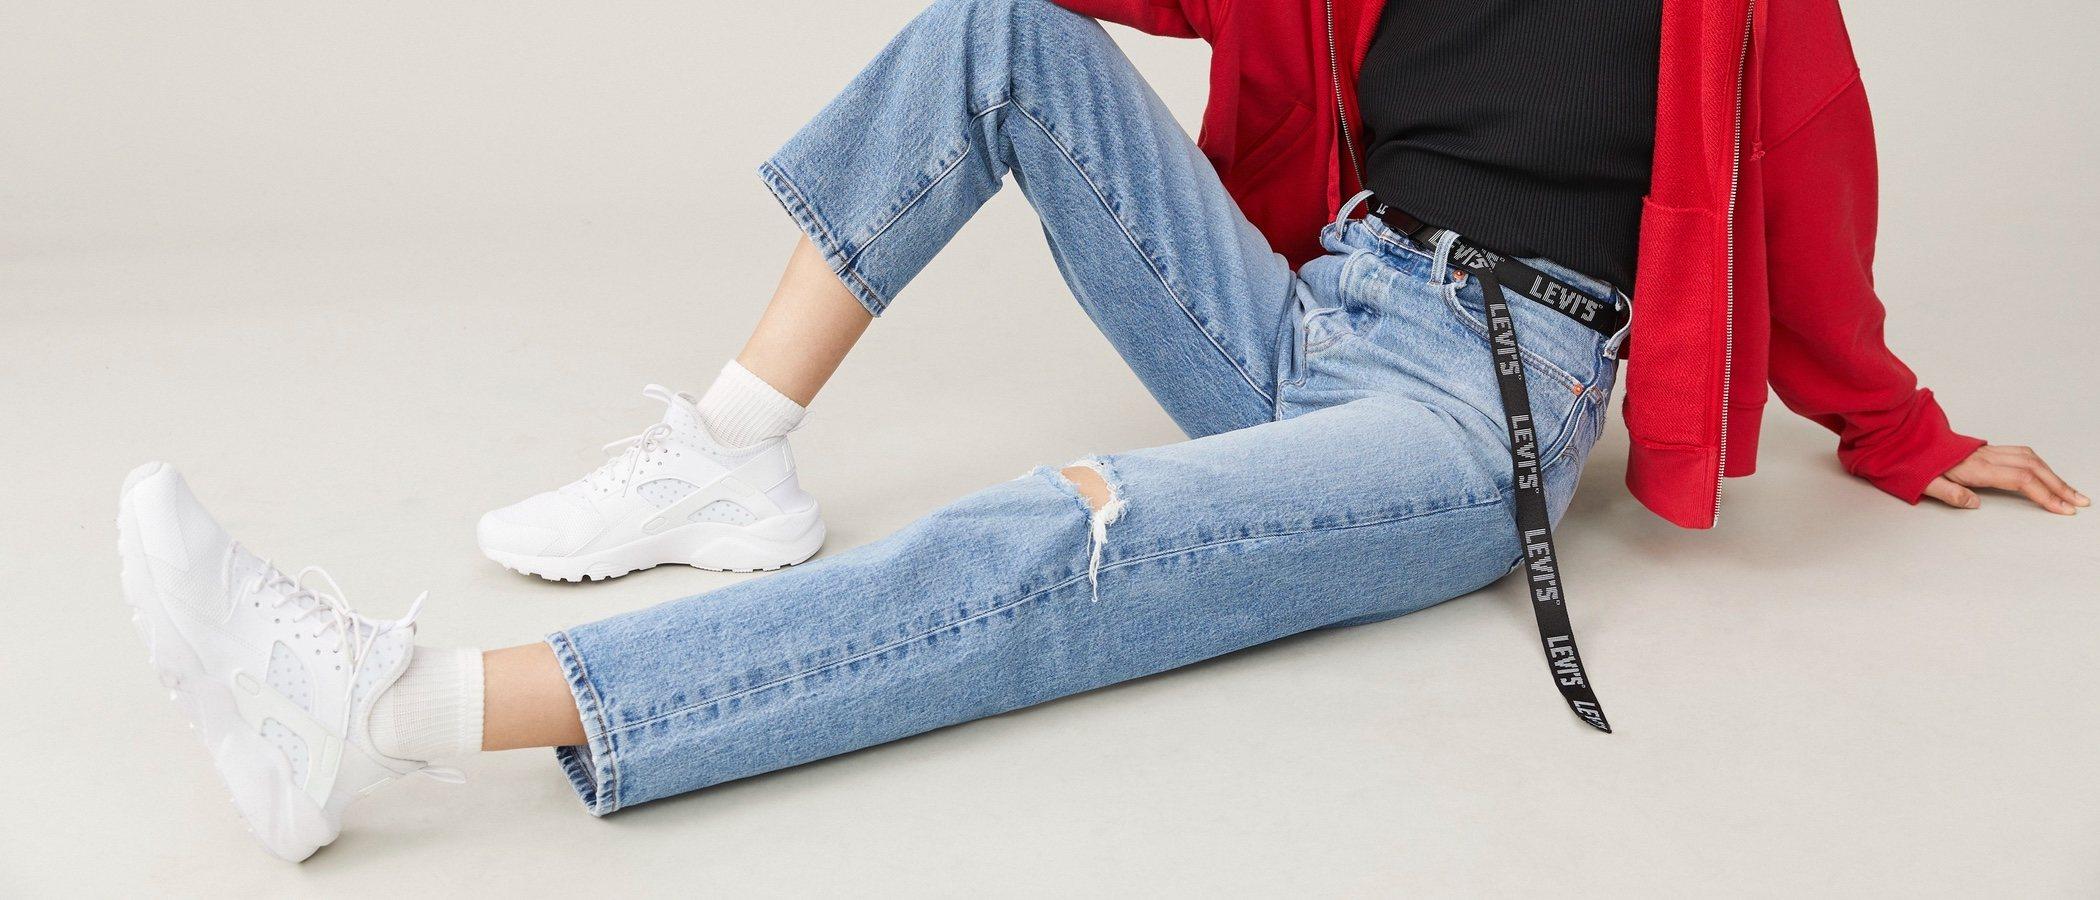 Levi's diseña unos cómodos jeans de talle extra alto